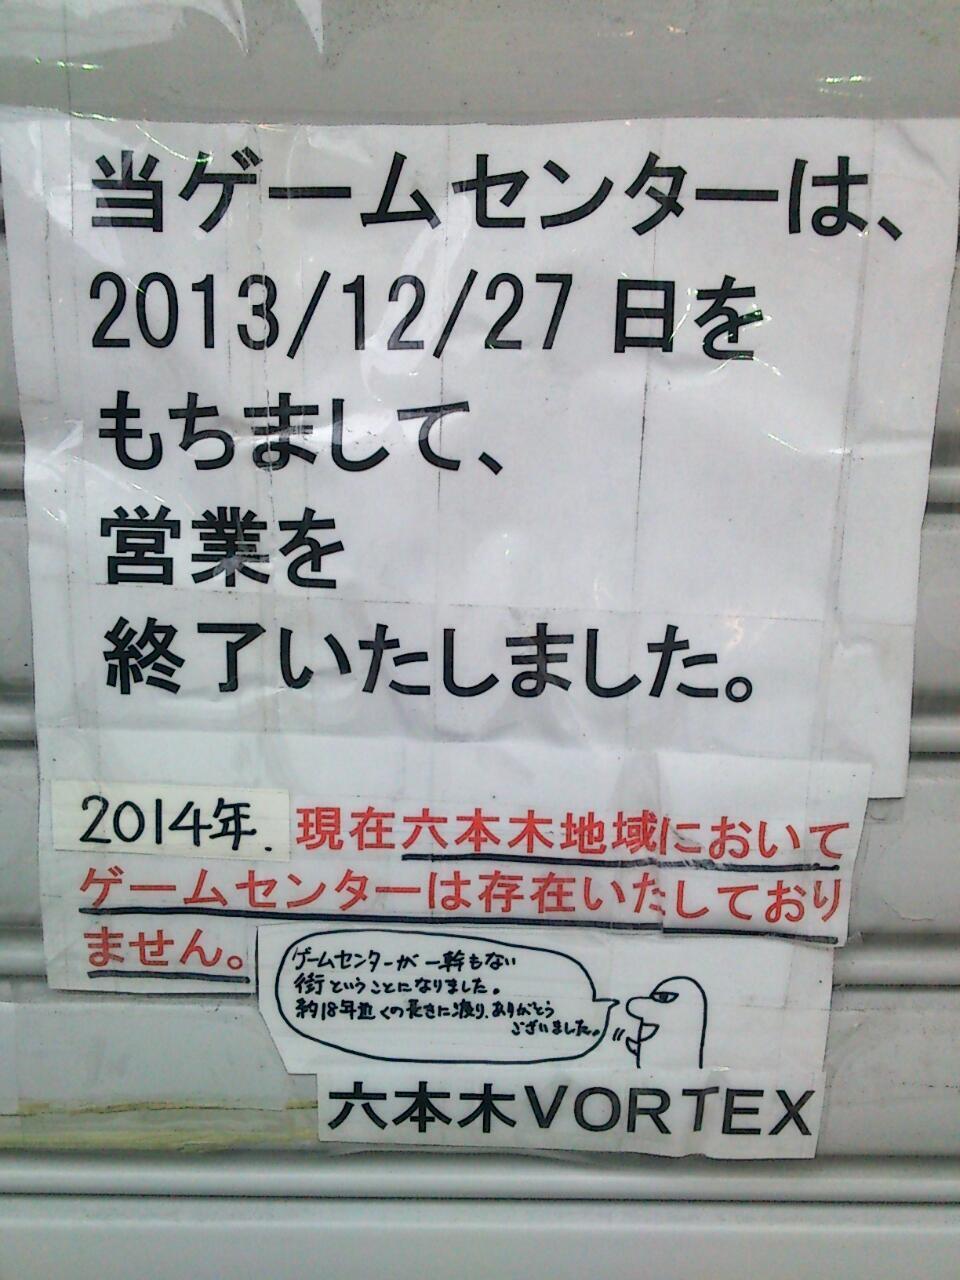 일본 롯폰기에 게임 센터가 하나도 남지 않았다는 사..